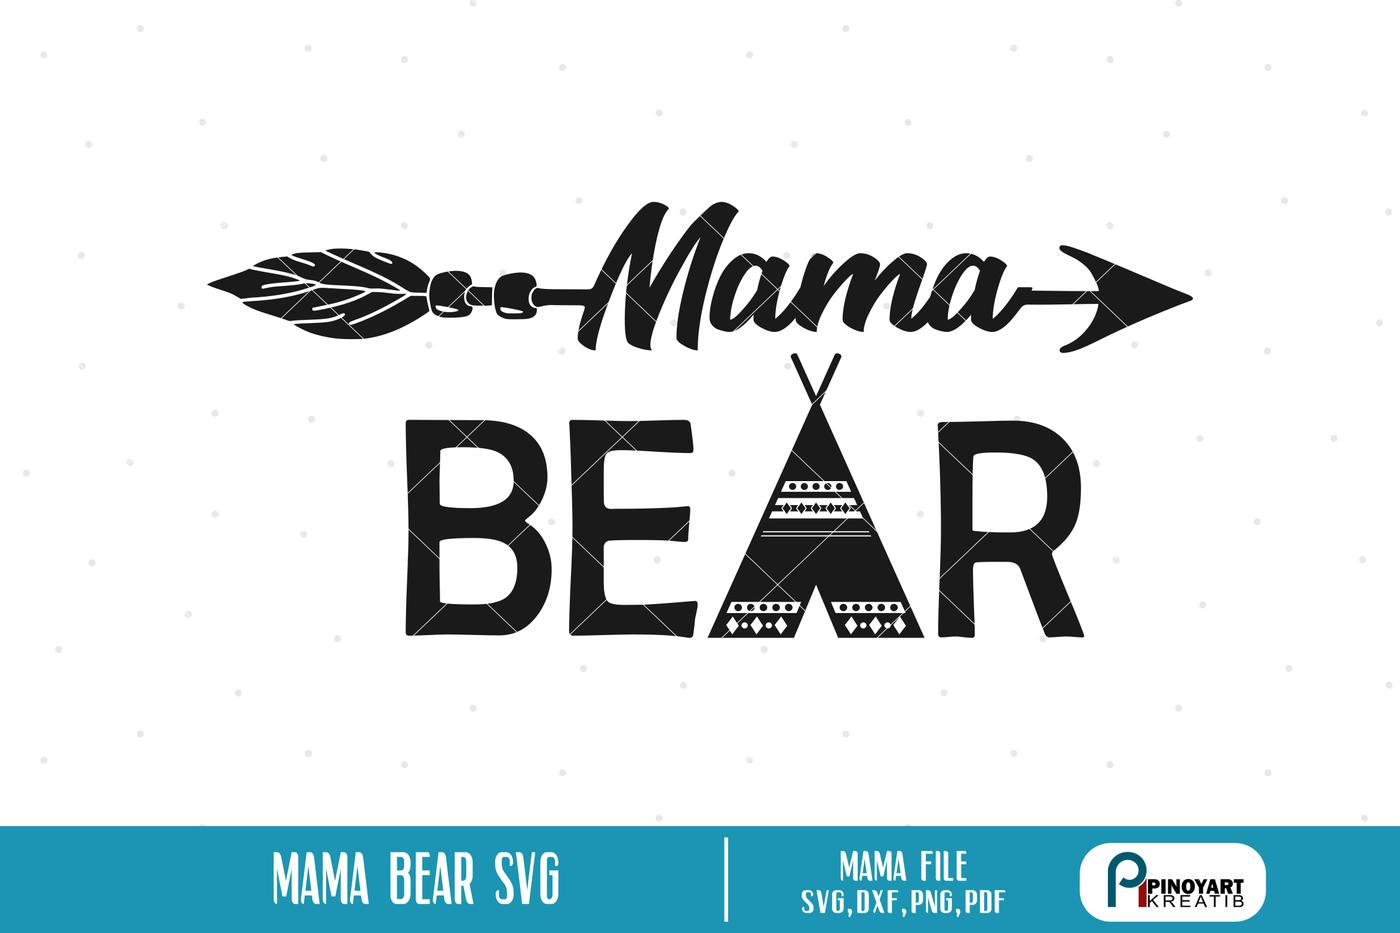 Mama Bear Svg Mama Bear Dxf Bear Svg Bear Svg File Bear Dxf Mama